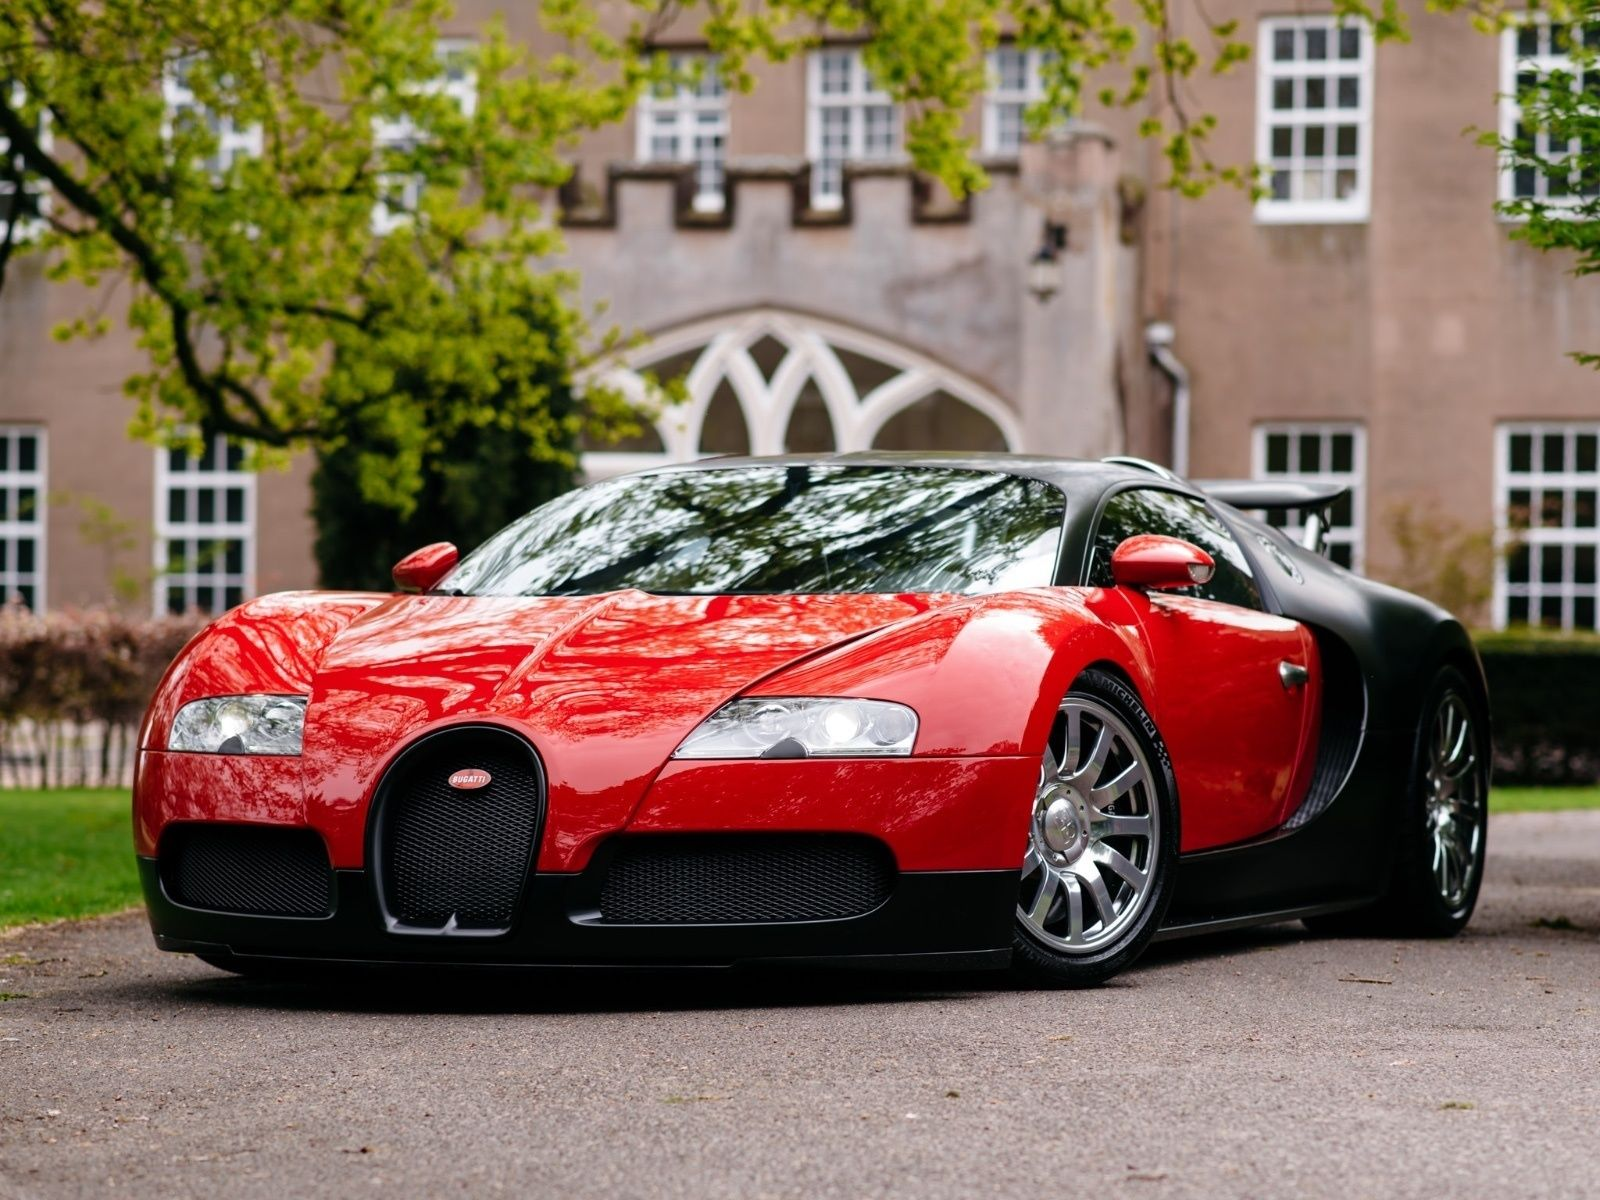 2007 Bugatti Veyron Classic Driver Market Bugatti Veyron Veyron Bugatti